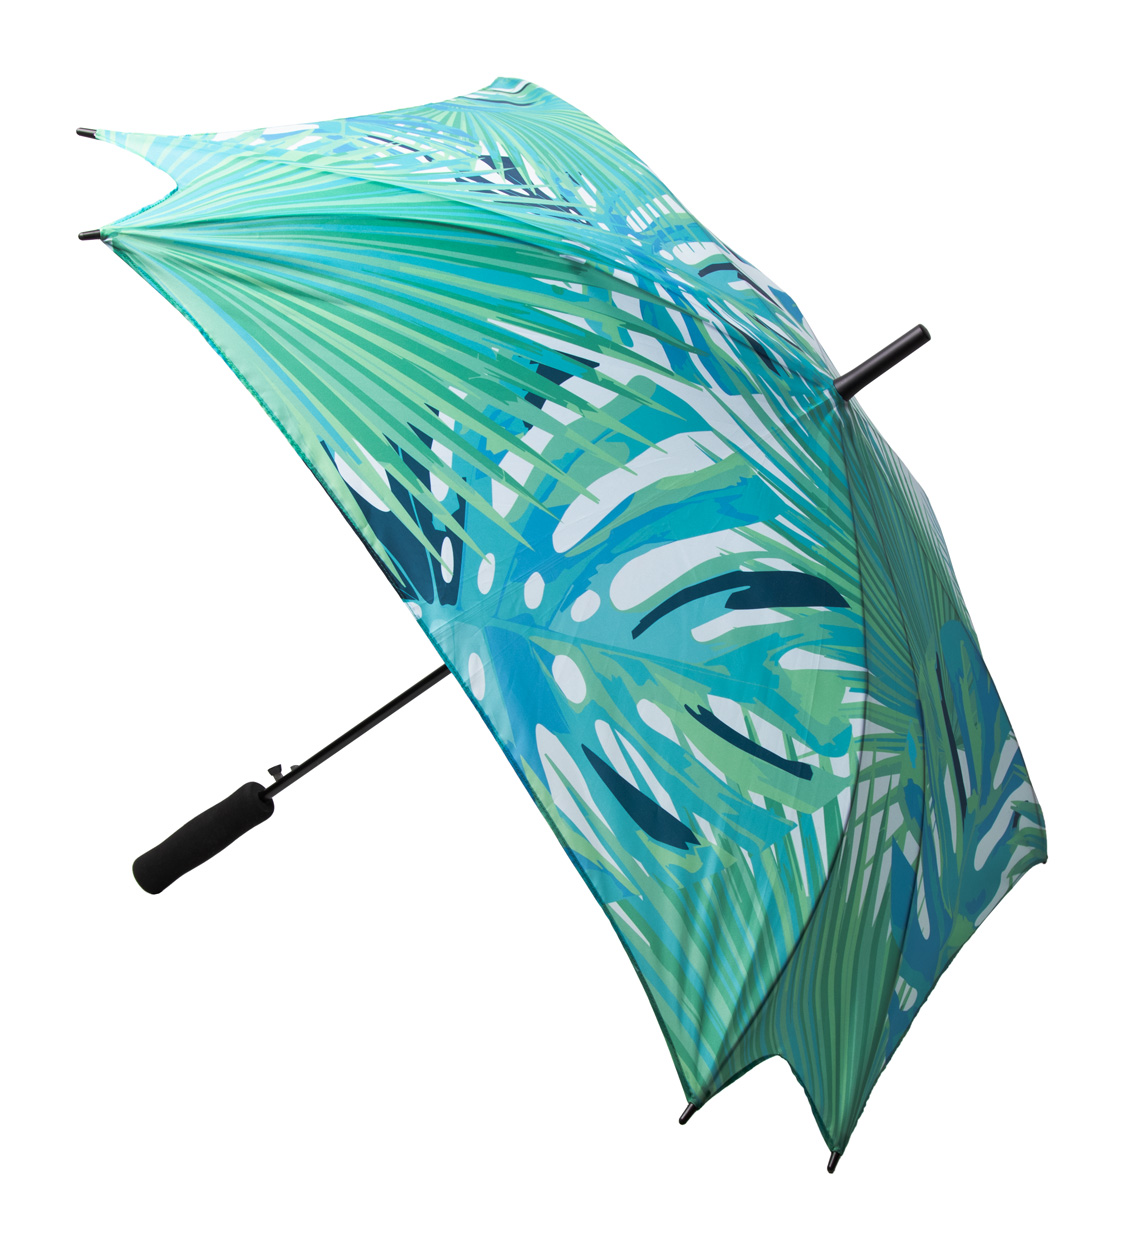 """img src=""""https://www.lumagadzety.pl/img/cms/parasol reklamowy.png"""" alt=""""parasolki z nadrukiem"""""""